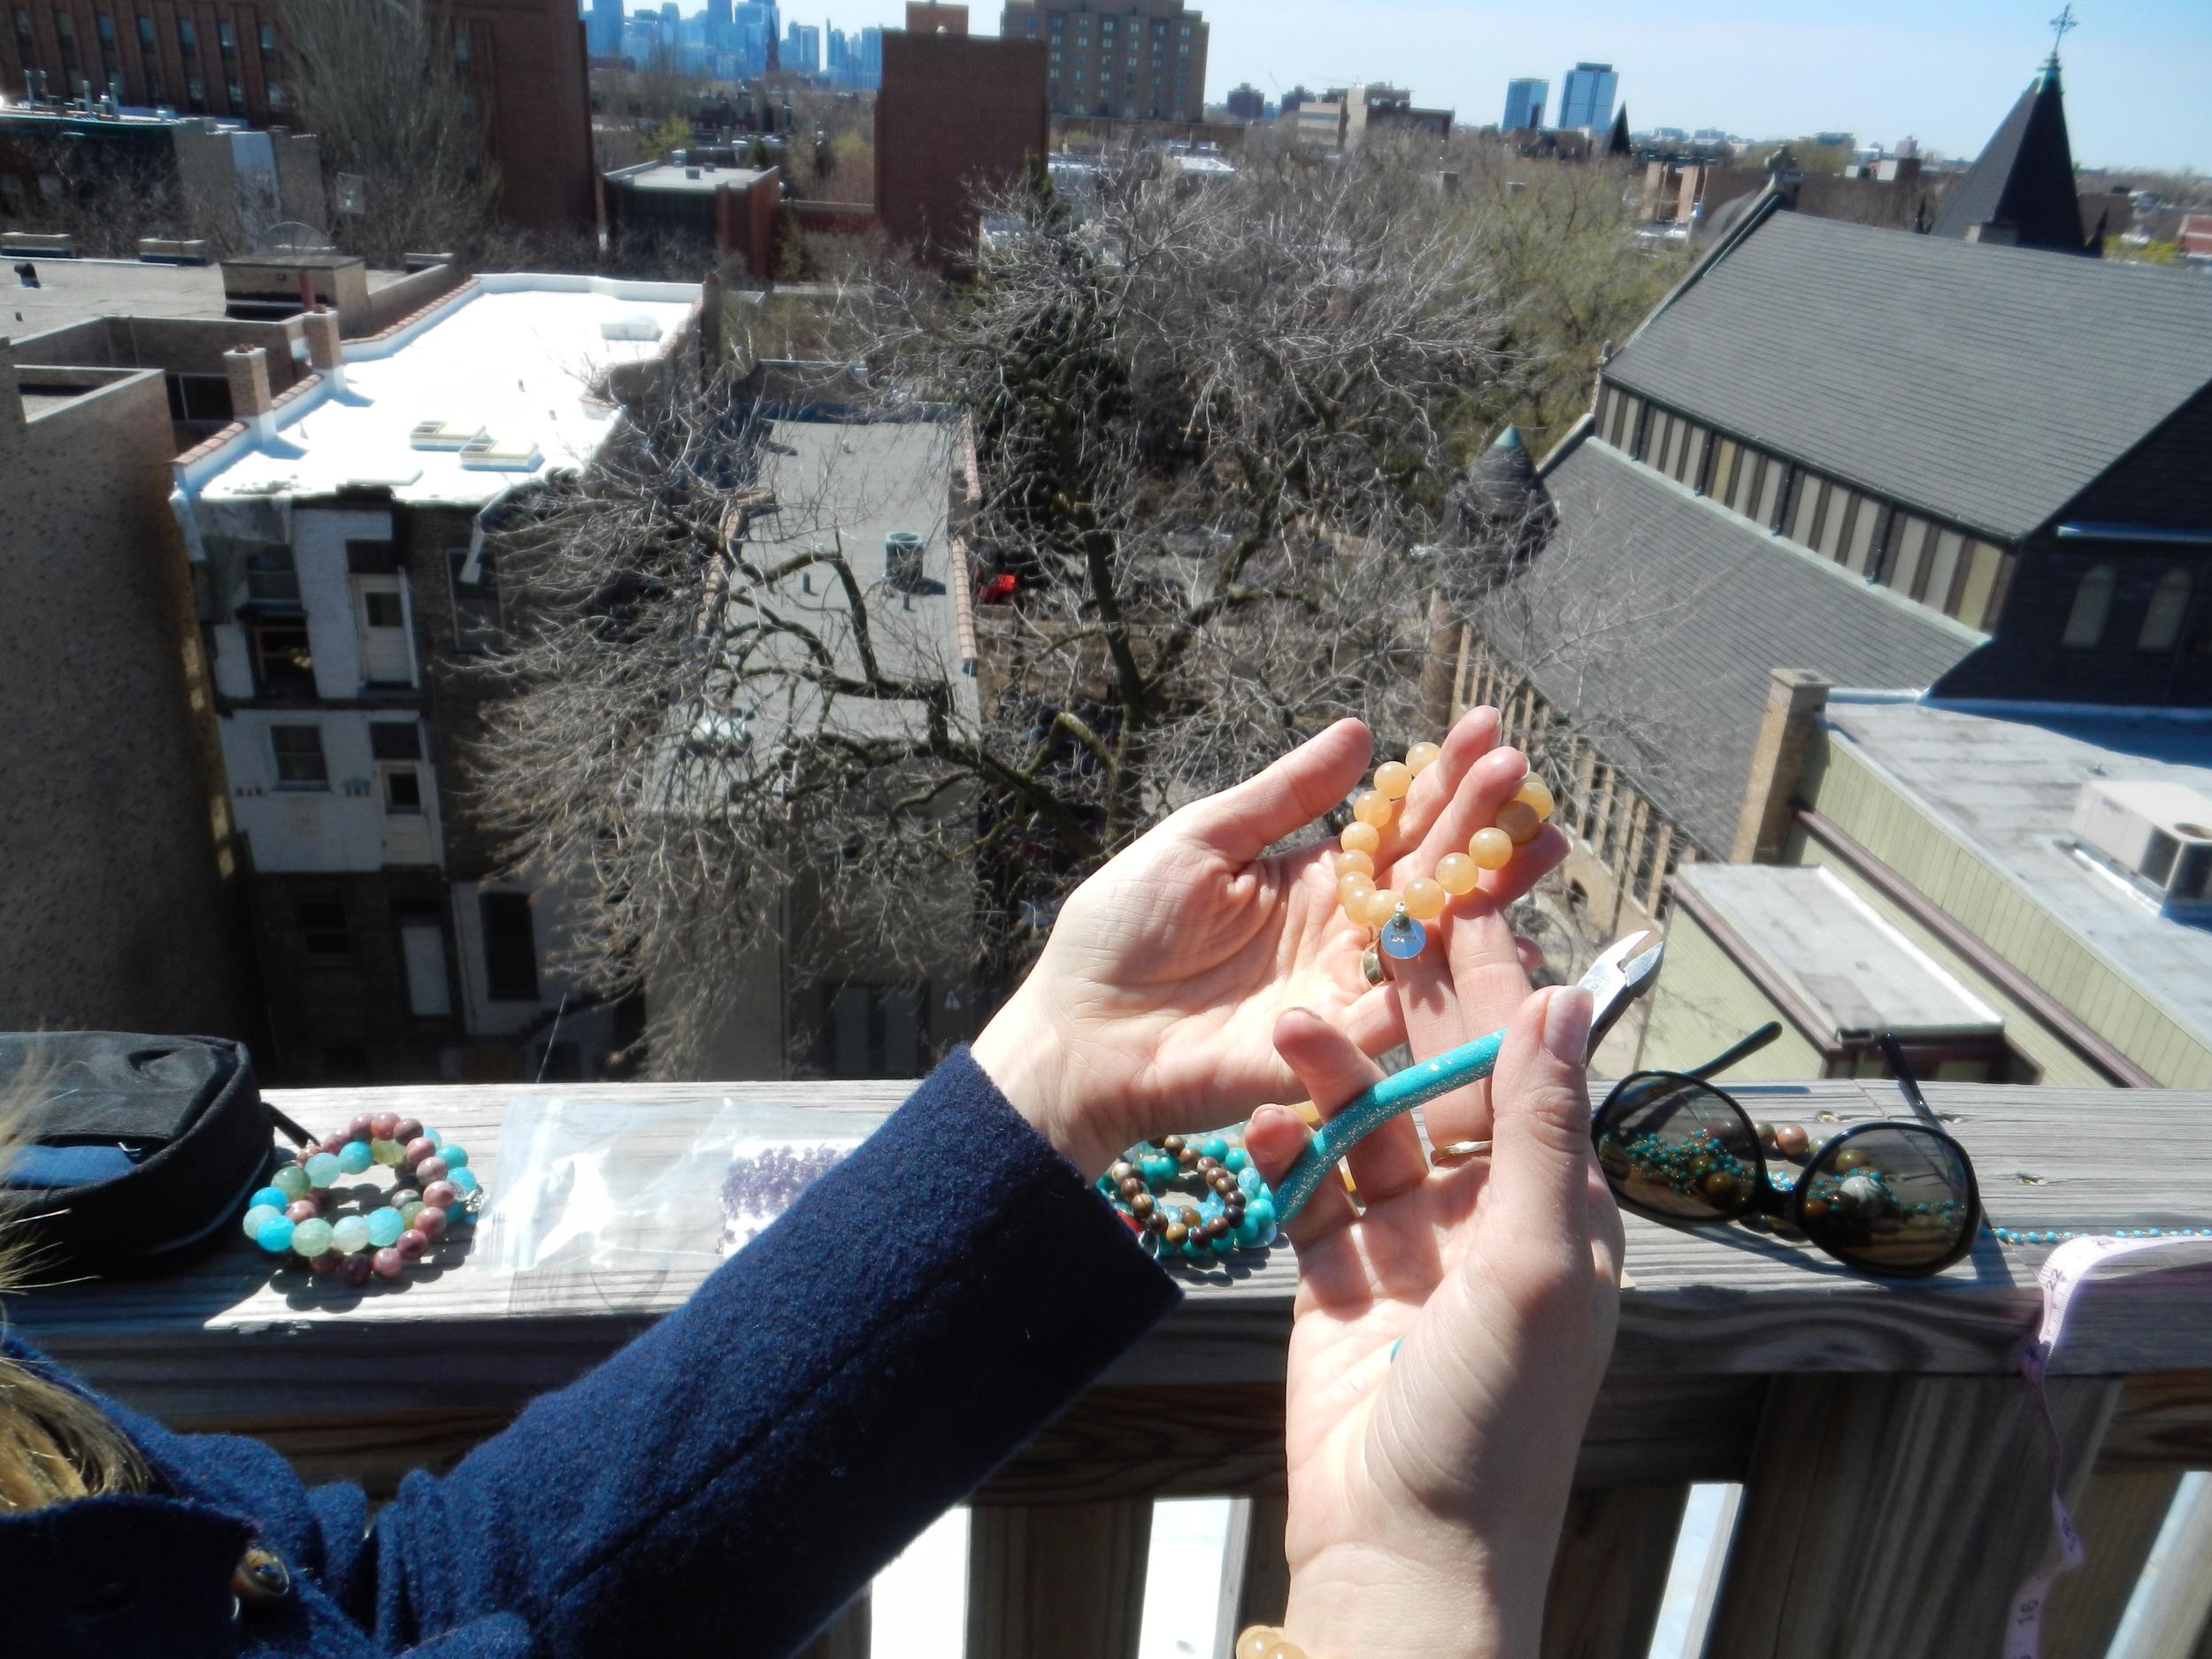 I ended up making 40 bracelets Saturday afternoon!